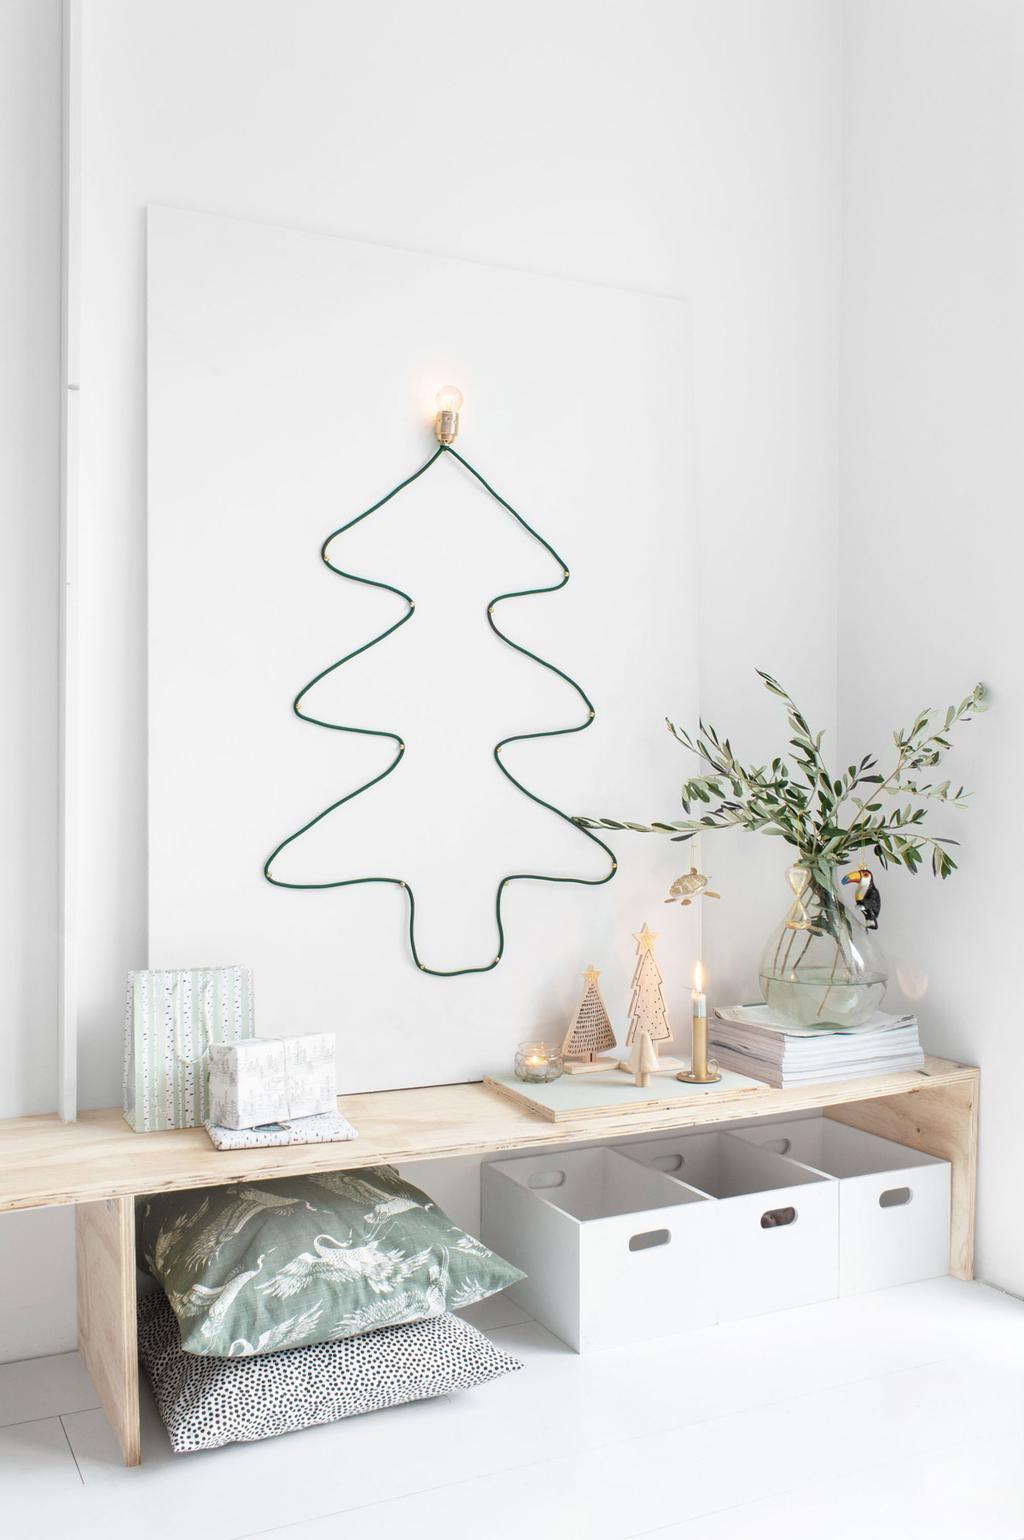 DIY kerstboom van strijkijzerdraad met lampenpit van blogger Tanja van Hoogdalem.